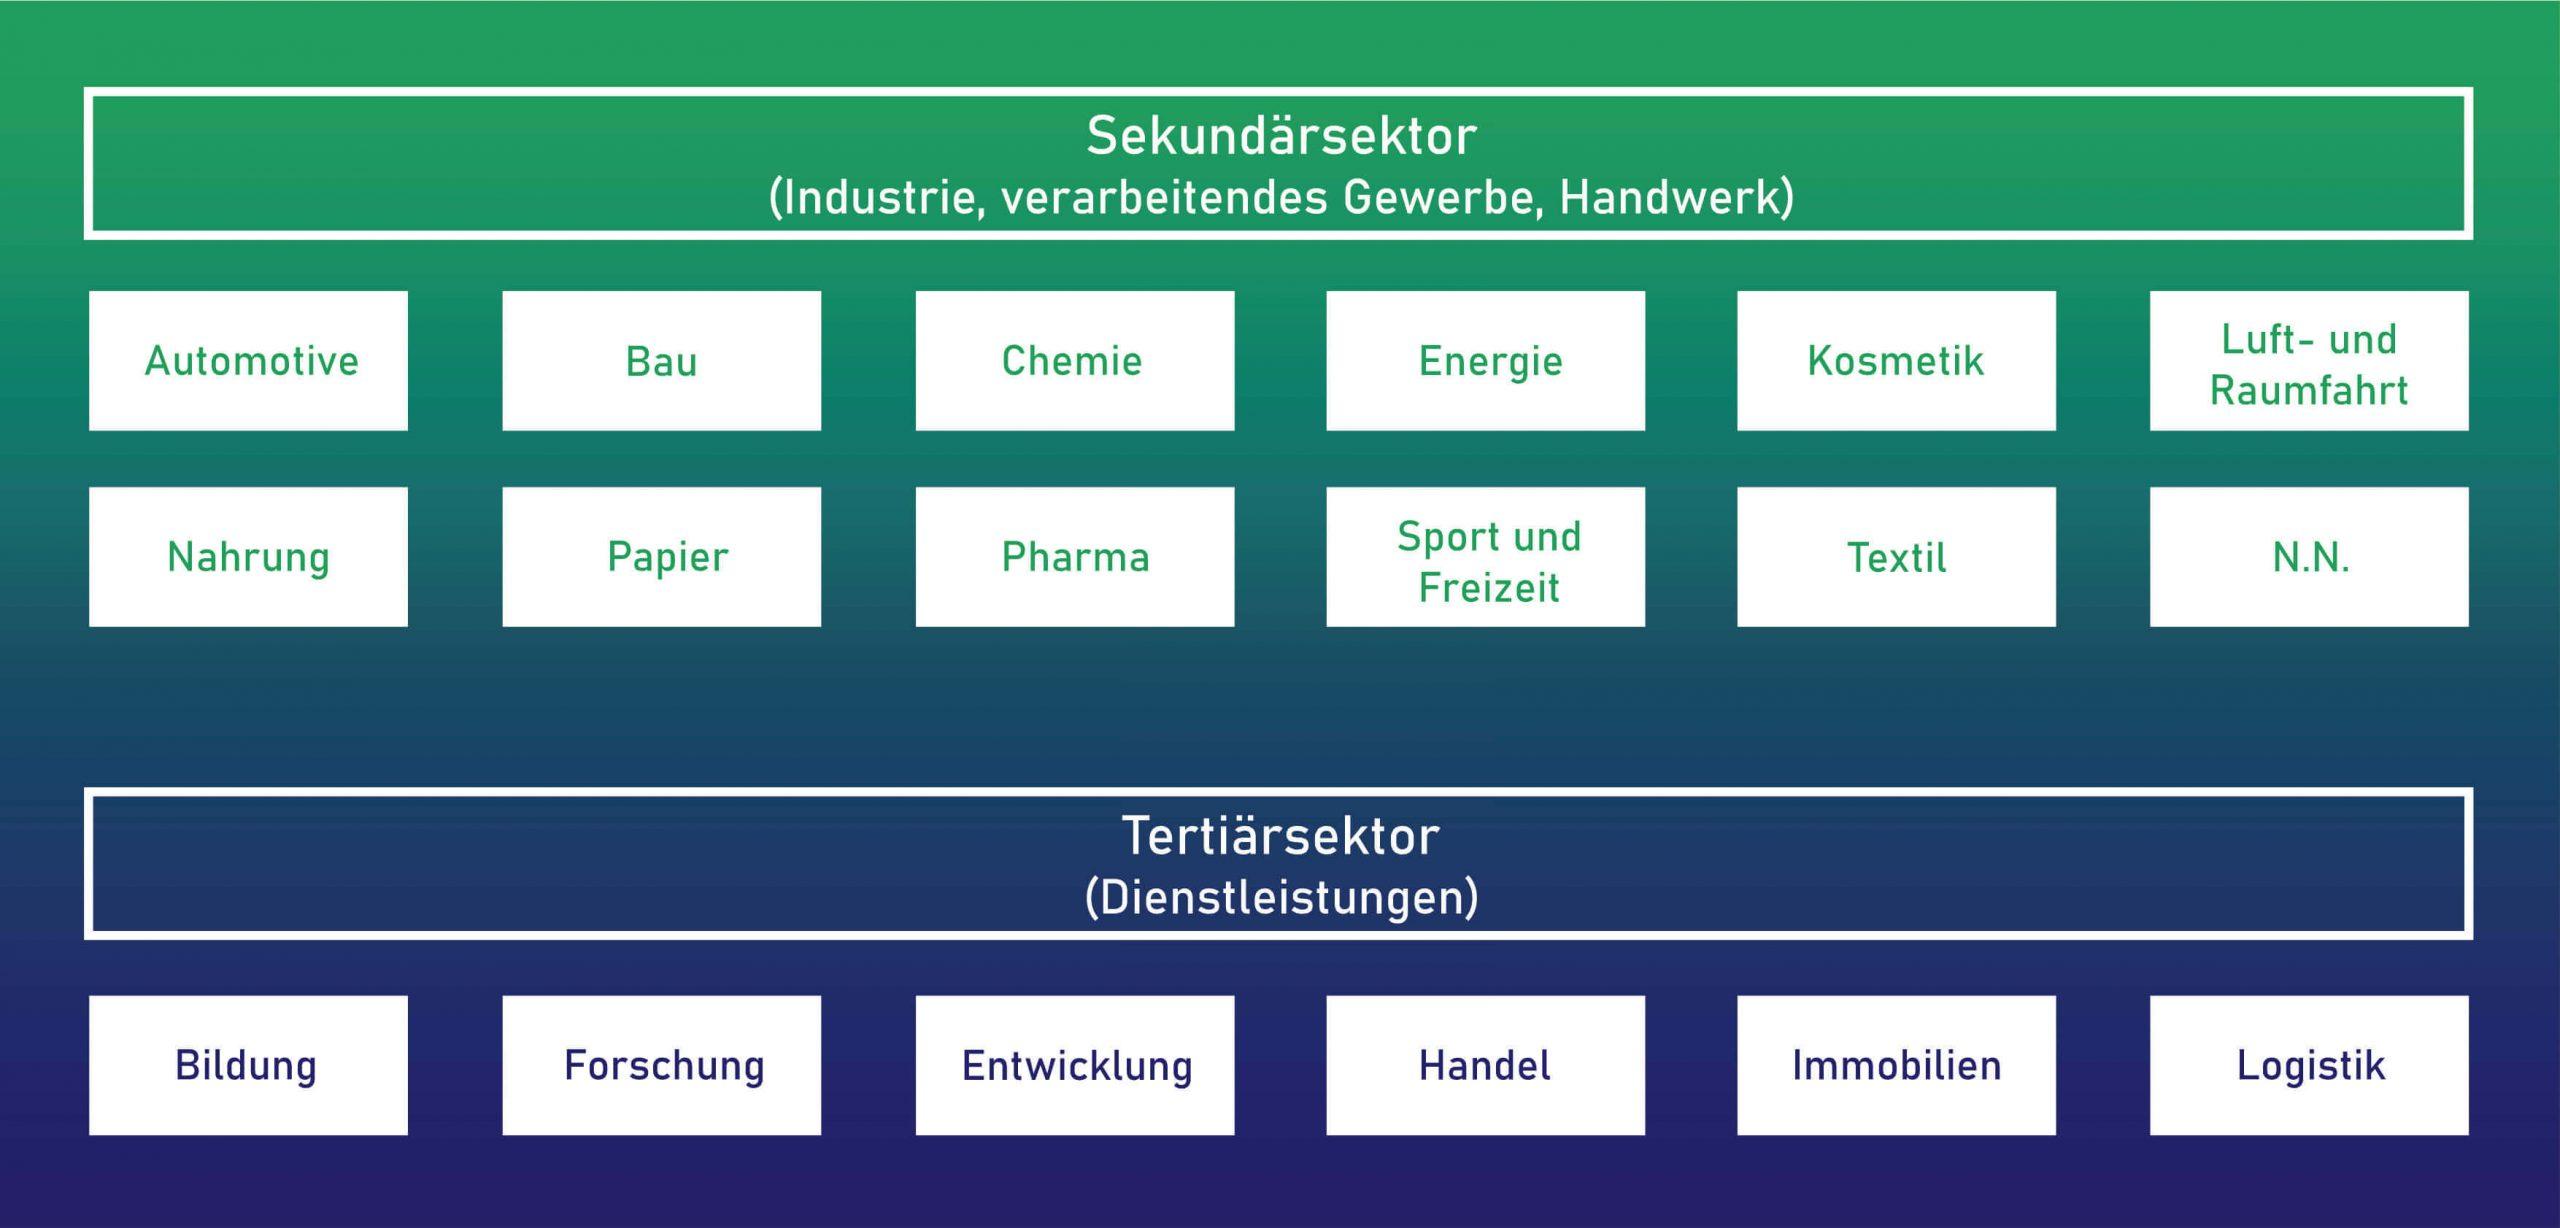 Hanf-Wertschöpfungs-Matrix